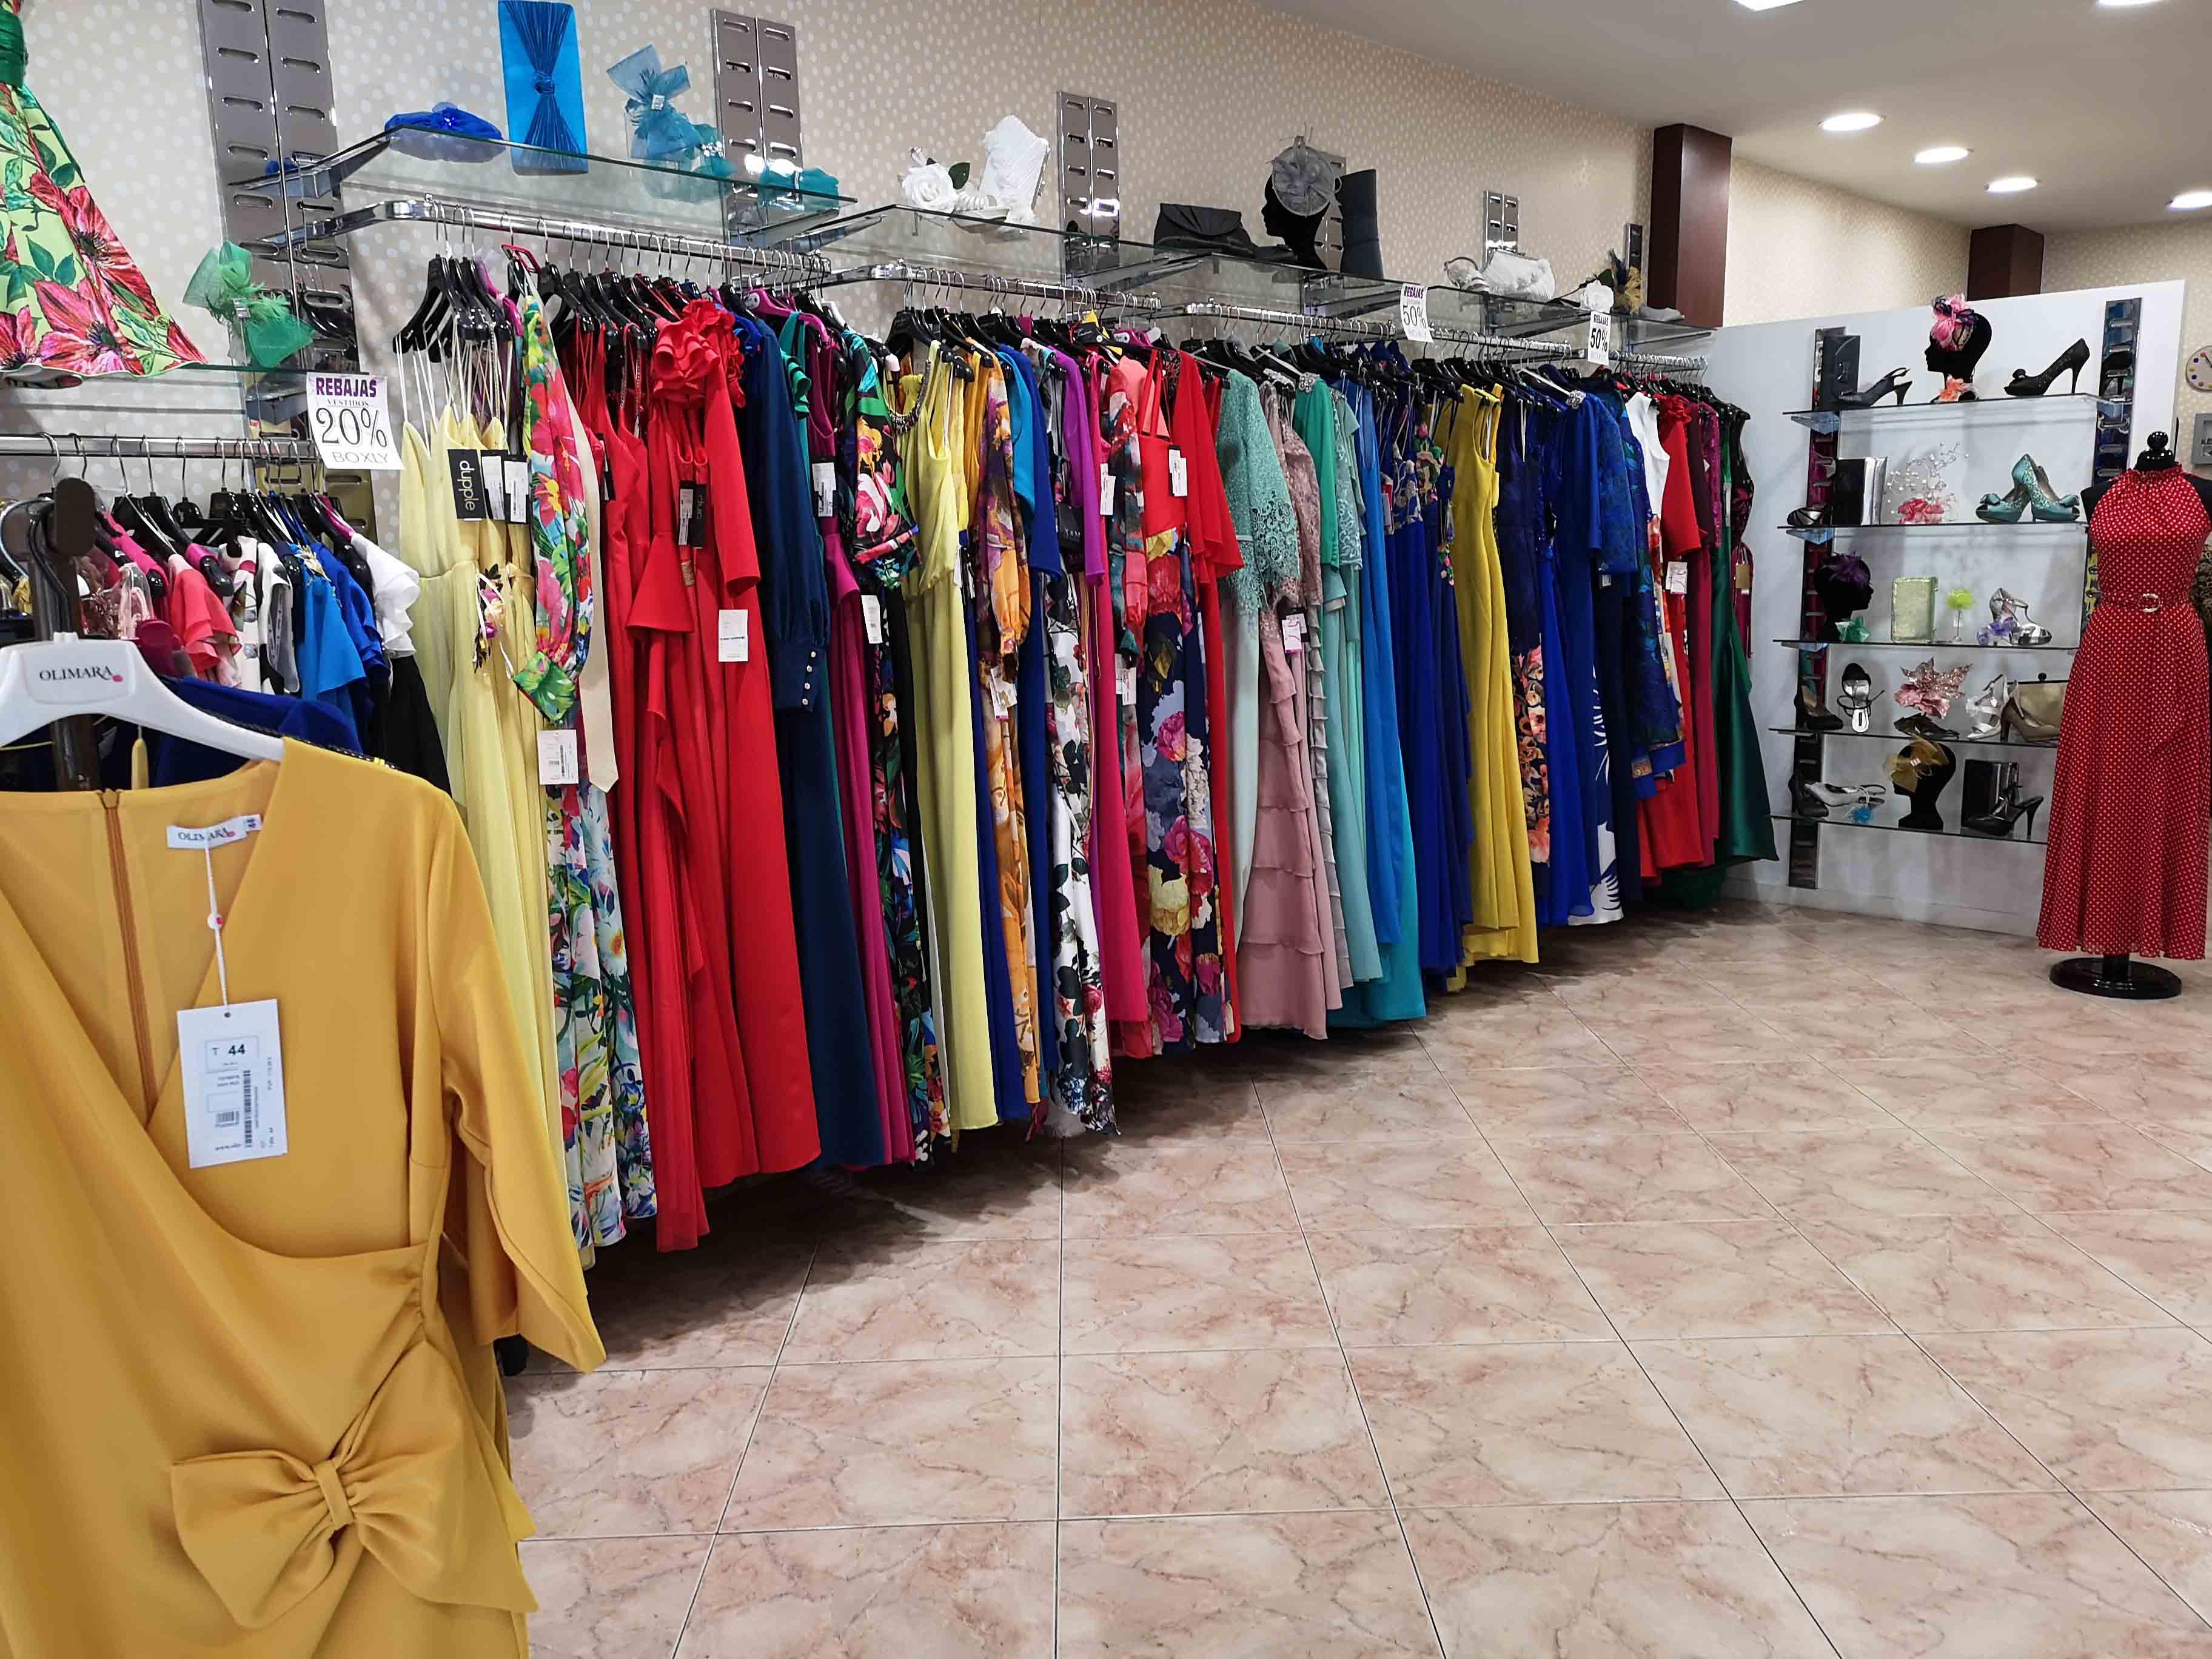 vestidos-mujer-tienda-boxly-outlet-ciudad-real